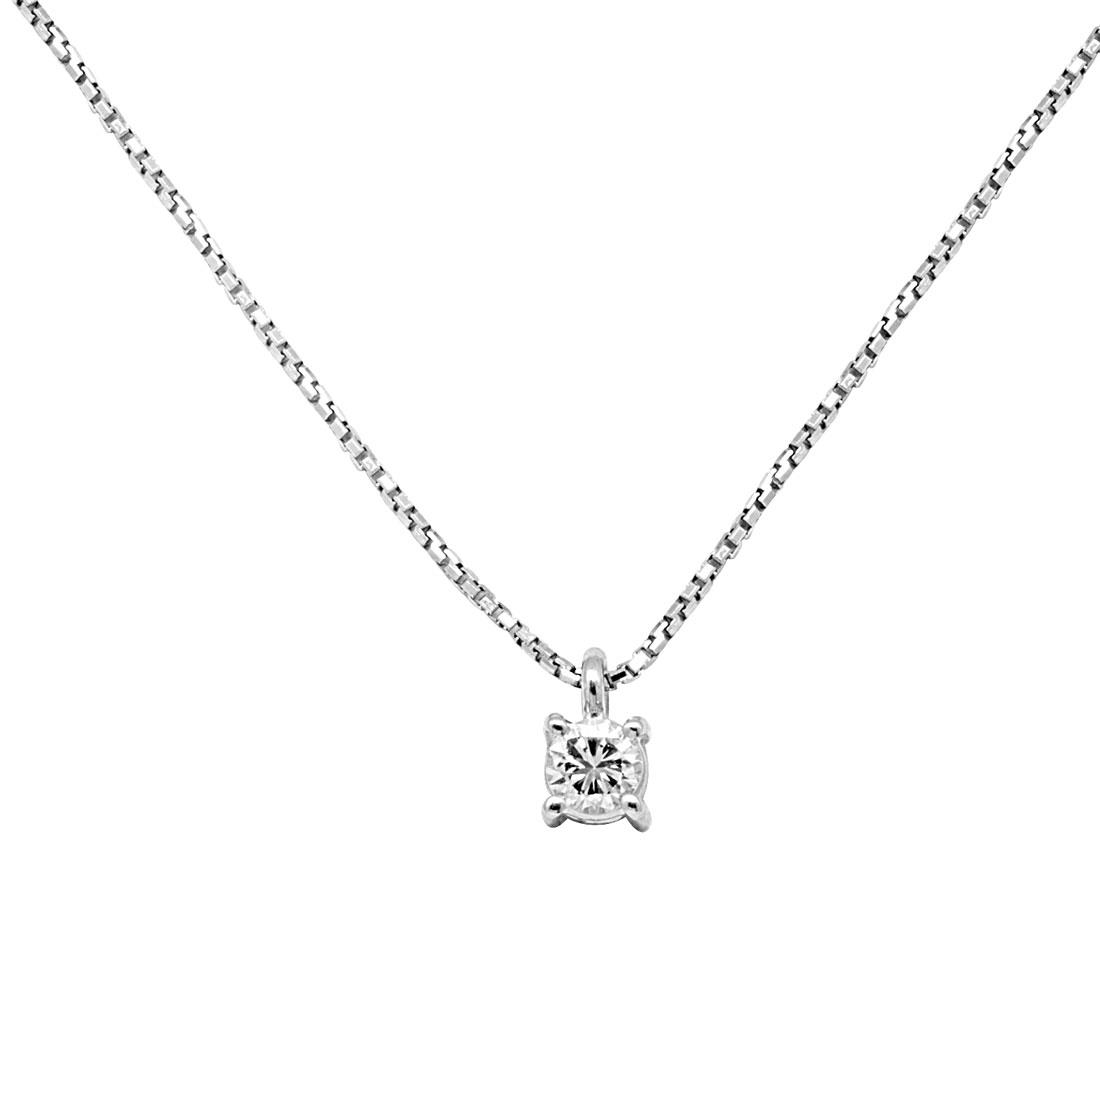 Collier Oro&Co in oro bianco con diamanti ct 0,20 - ORO&CO